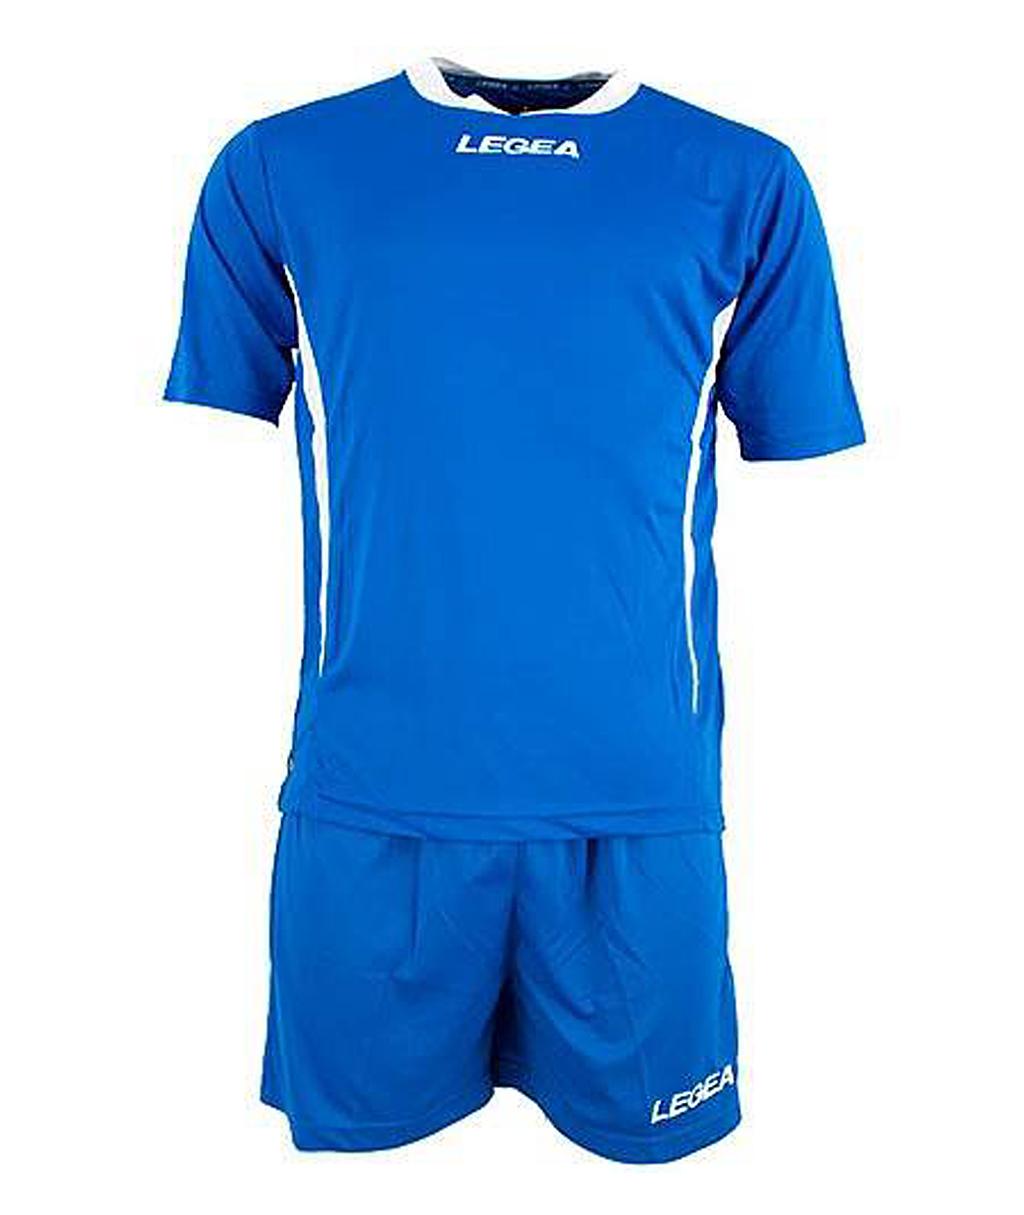 Купить синюю футбольную форму Legea в интернет-магазине